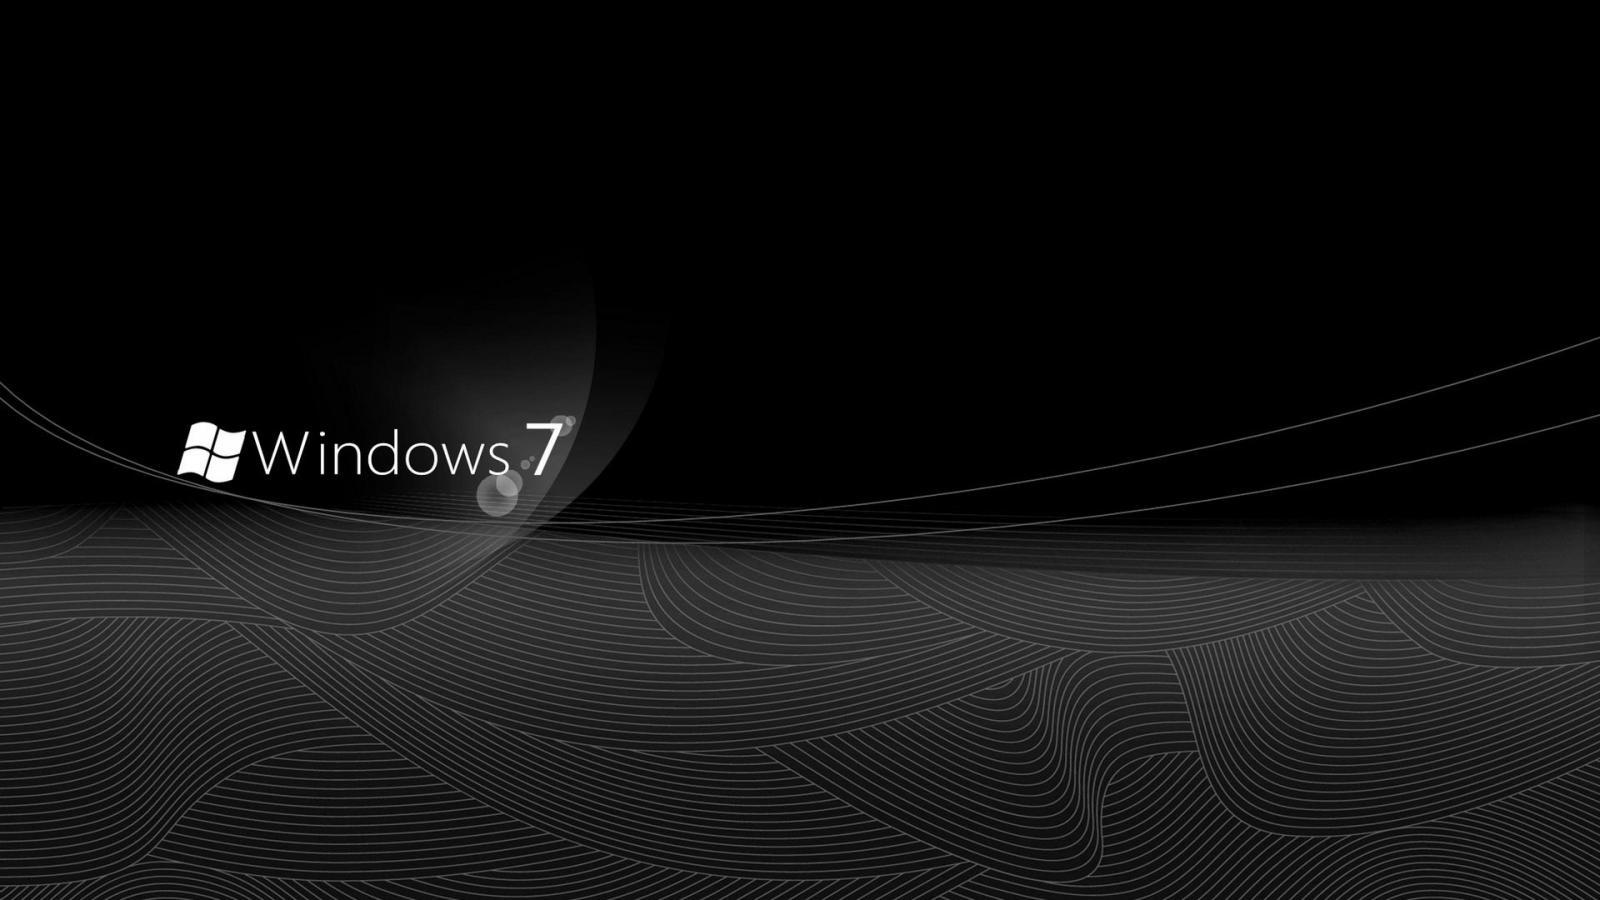 Windows 7 windows elegant black wallpapers 1920x1200 HQ WALLPAPER 1600x900